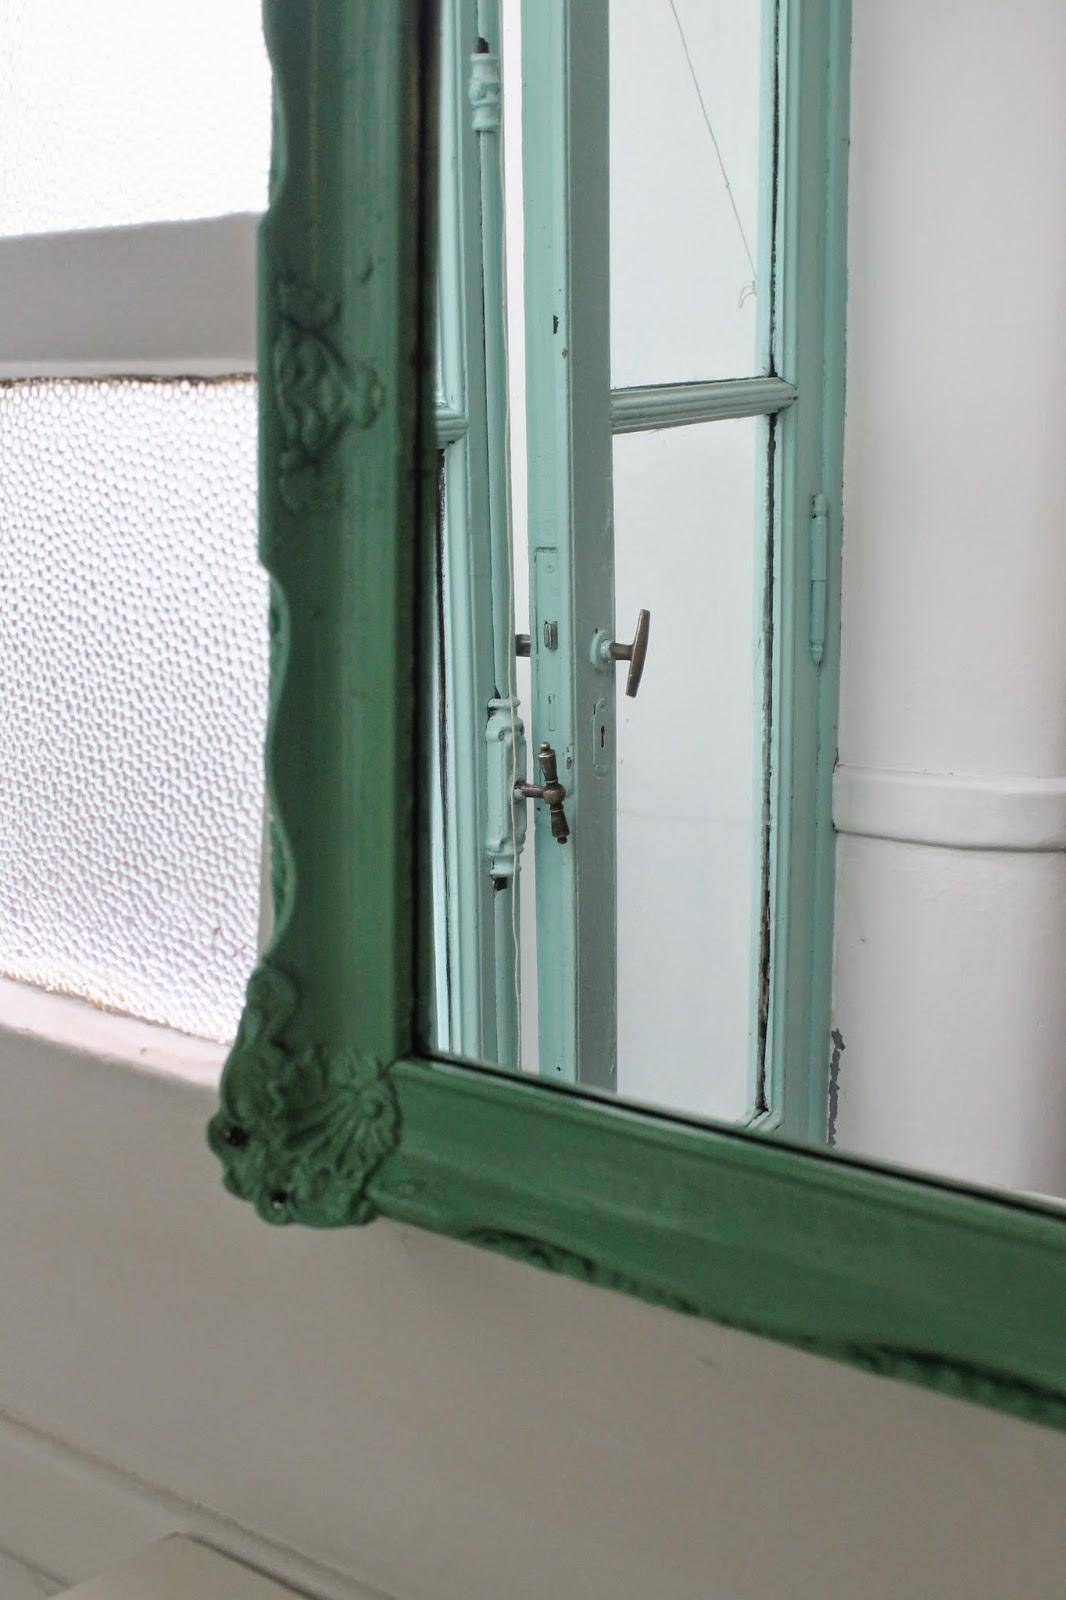 Marco verde con espejo: Deco Marce Tienda